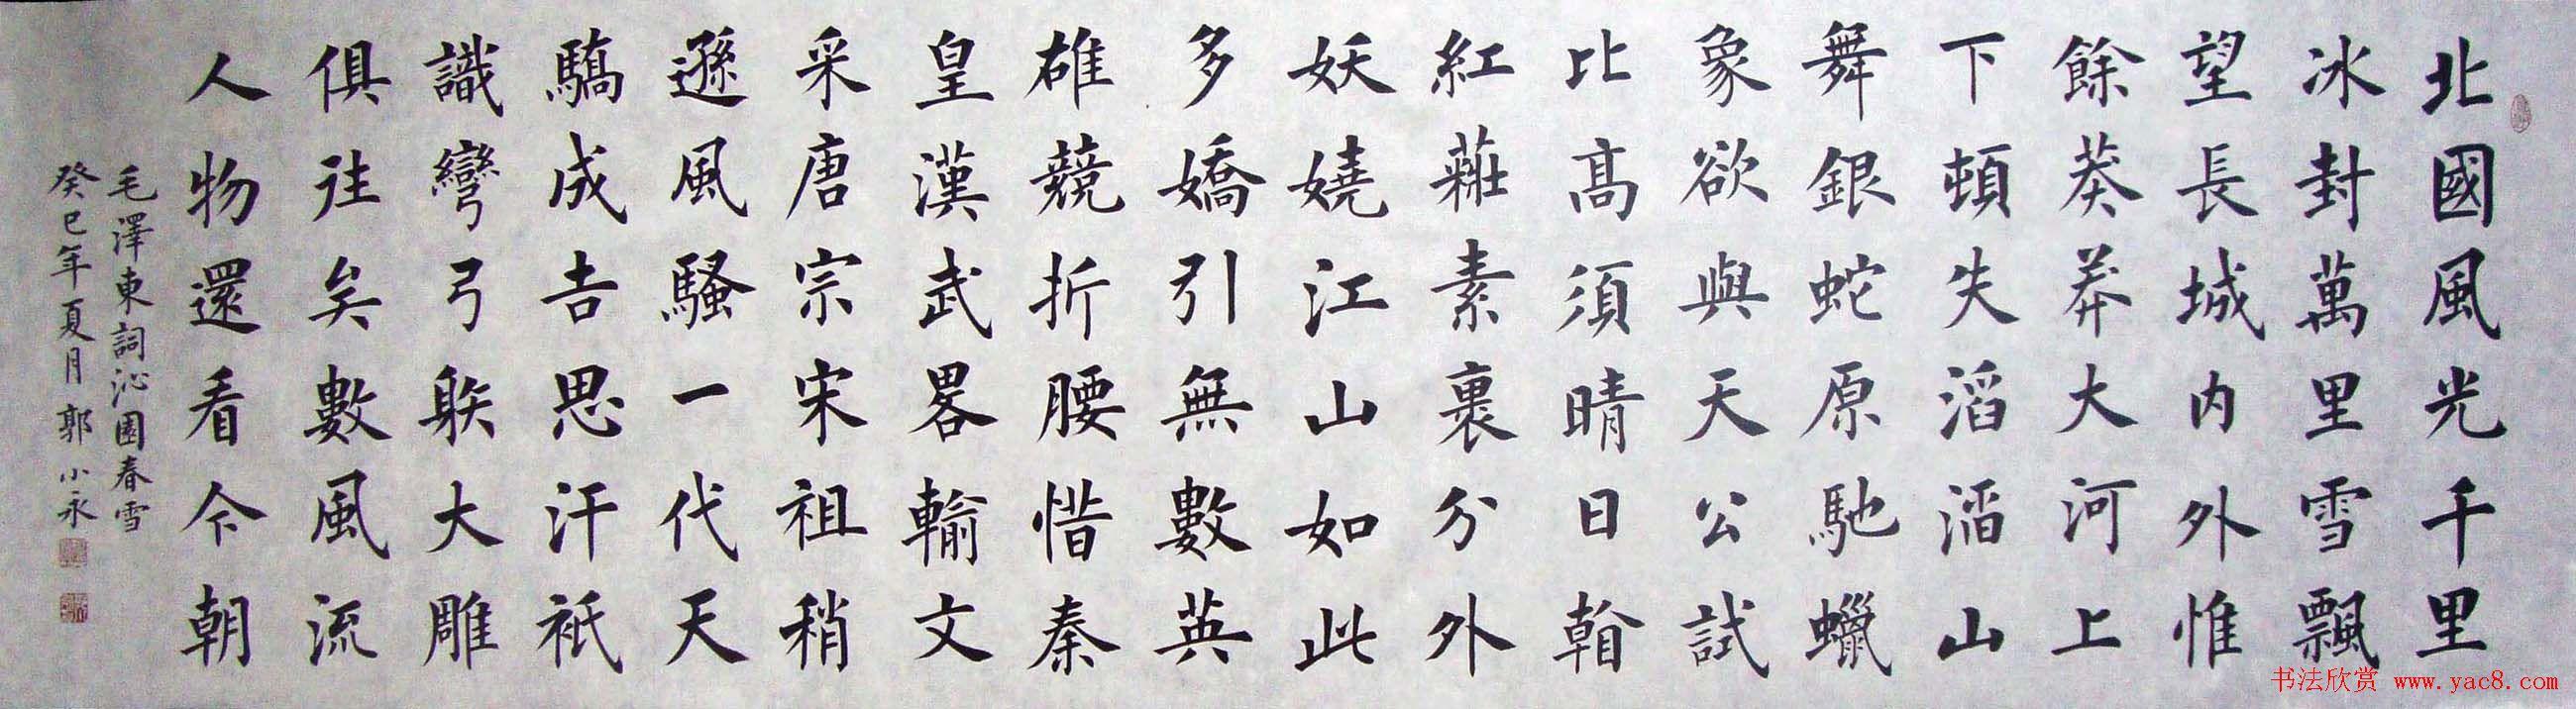 河北郭小永楷书书法作品 第3页 投稿作品 书法欣赏